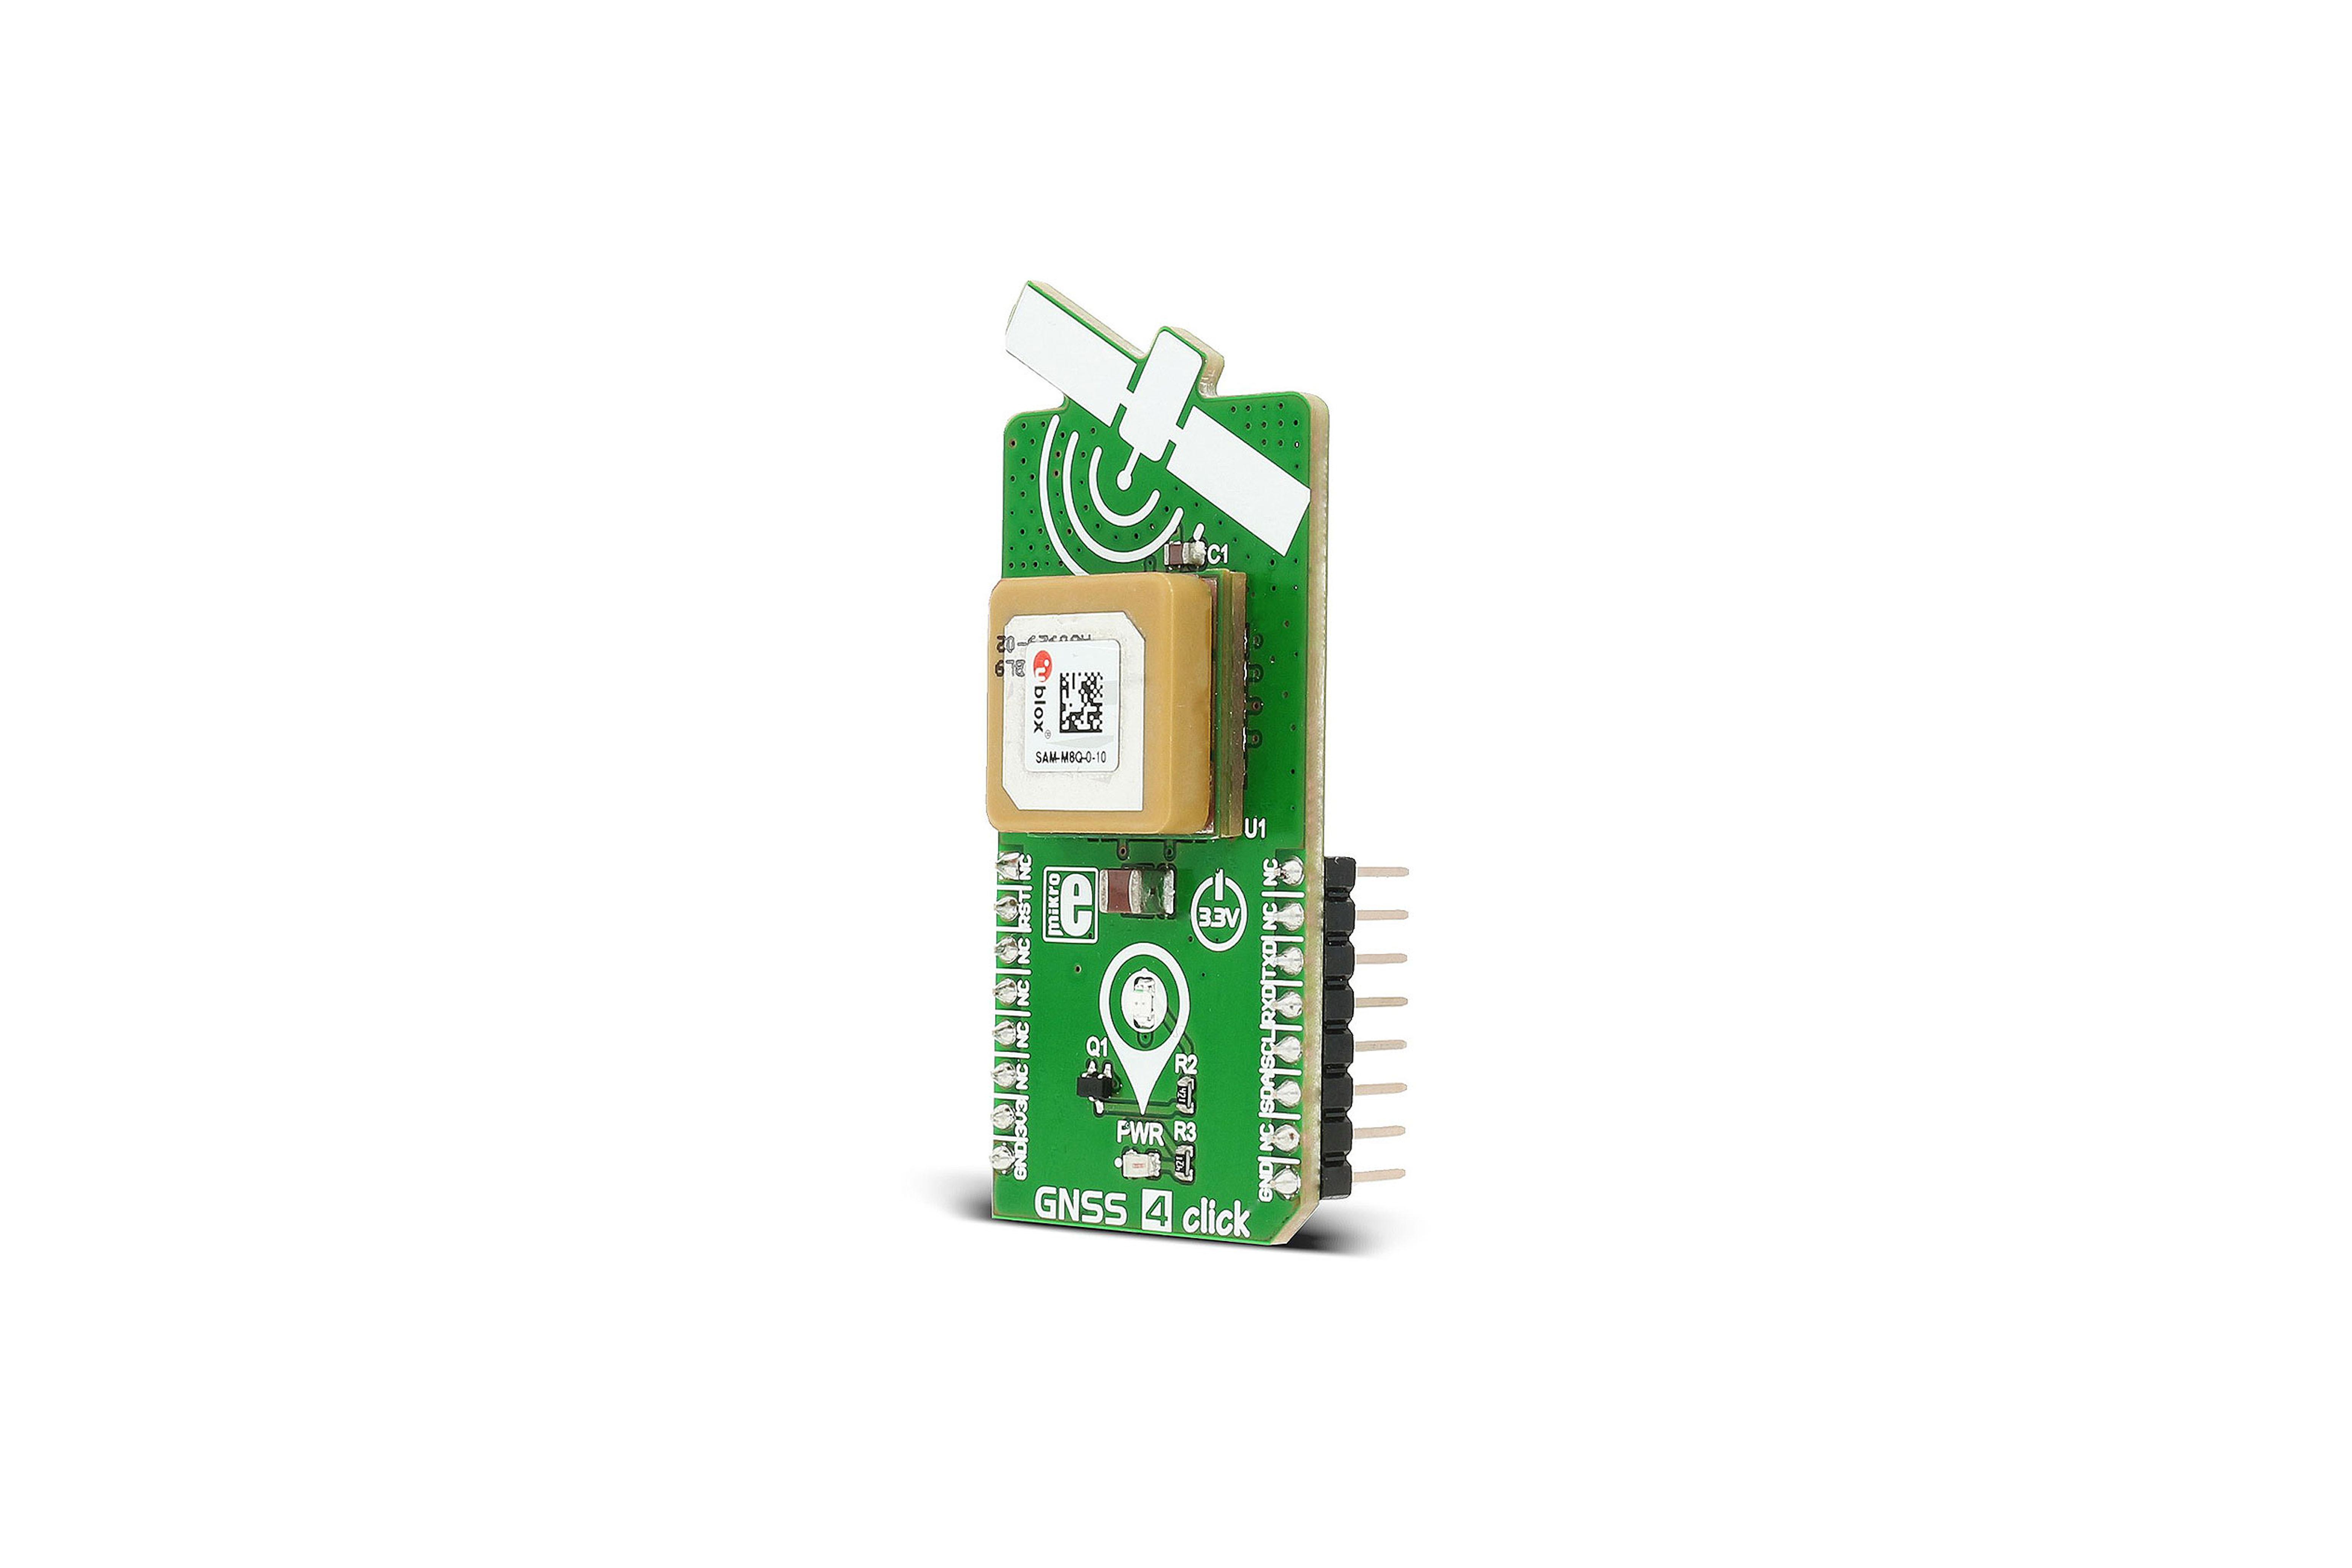 CARTE GNSS 4 À CLIC GPS/GLONASS